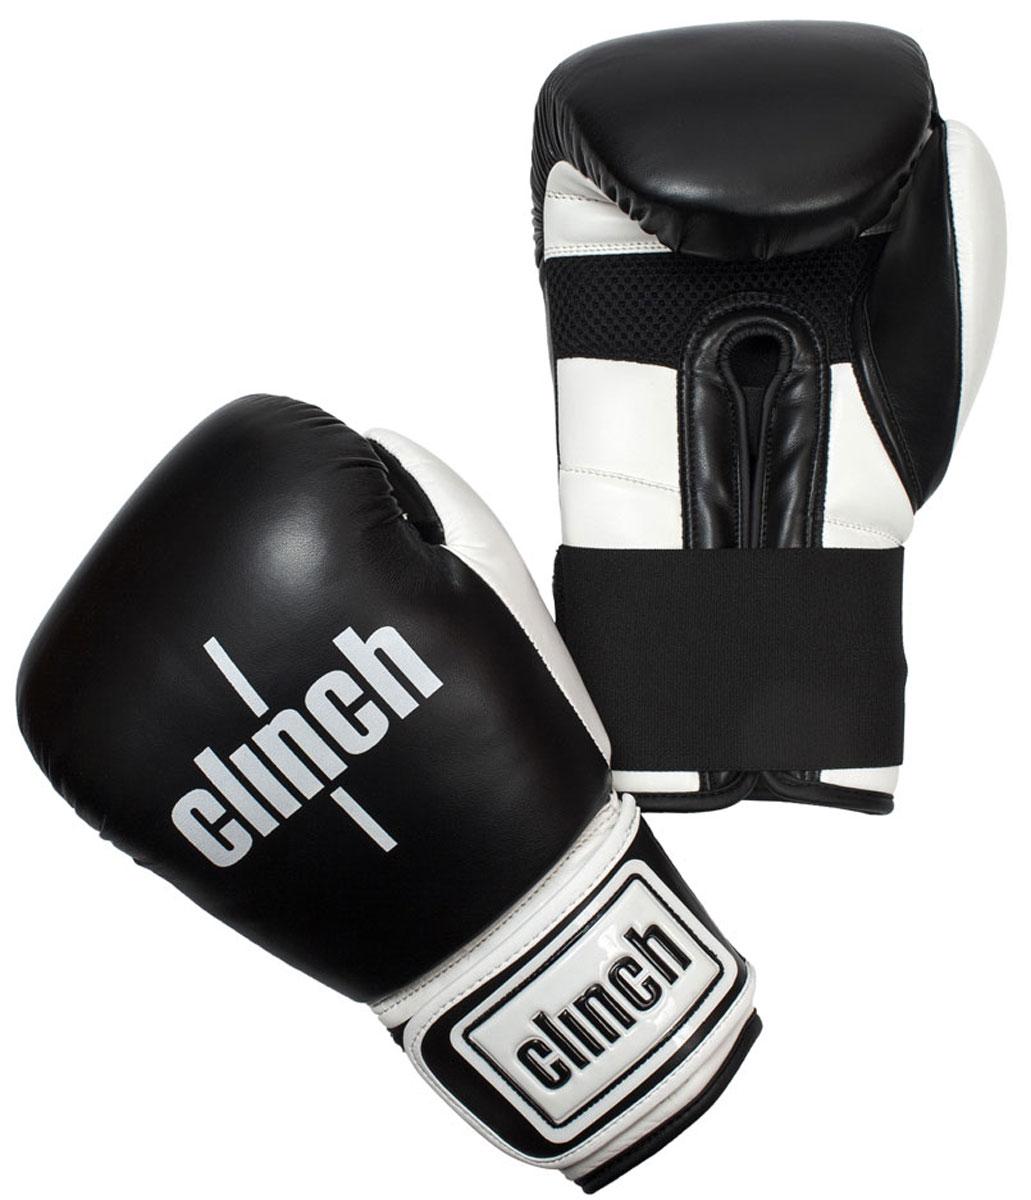 Перчатки боксерские Clinch Punch, цвет: черно-белый, 16 унций. C131C131Боксерские перчатки Punch. Изготовлены из высококачественного, прочного эластичного полиуретана. Многослойный пенный наполнитель обеспечивает улучшенную анатомическую посадку, комфорт и высокий уровень защиты. Широкая резинка позволяет оптимально фиксировать запястье.